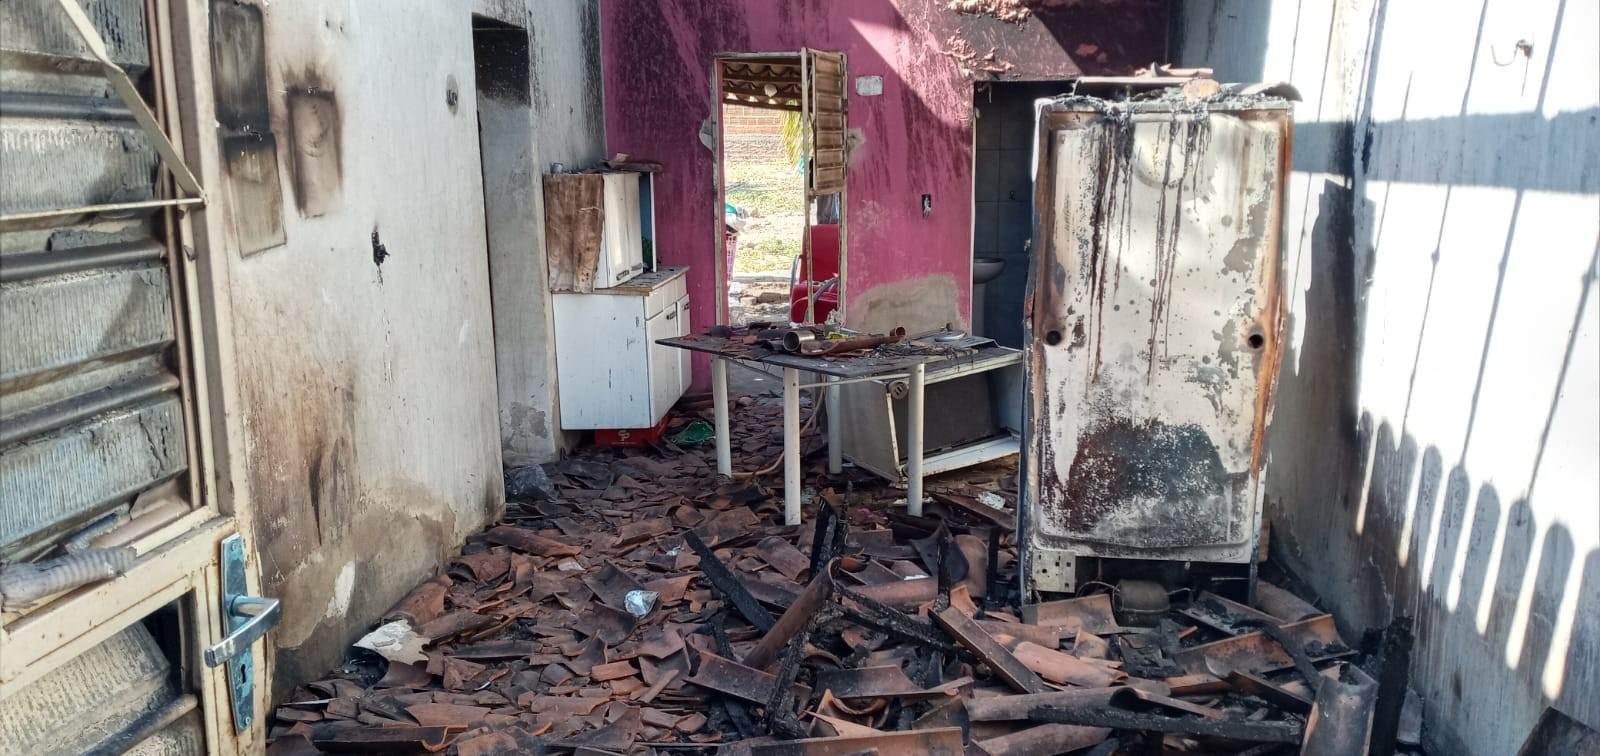 Incêndio atinge casa e destrói móveis e eletrodomésticos, no Sertão da Paraíba